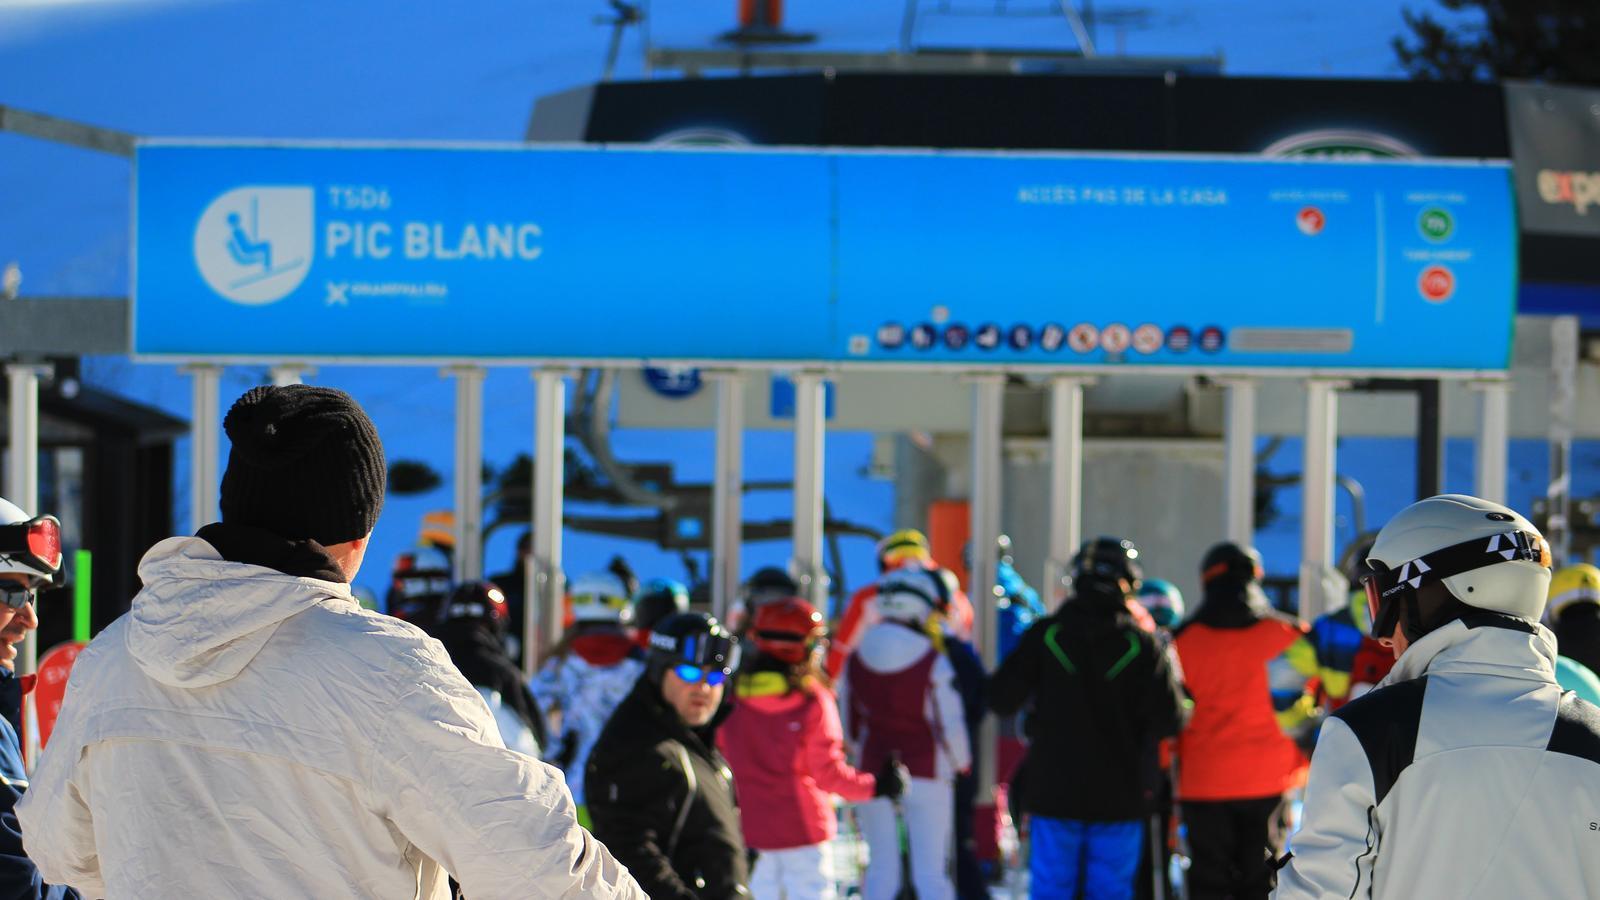 Esquiadors a Grandvalira en una imatge d'aquest dijous. / Grandvalira